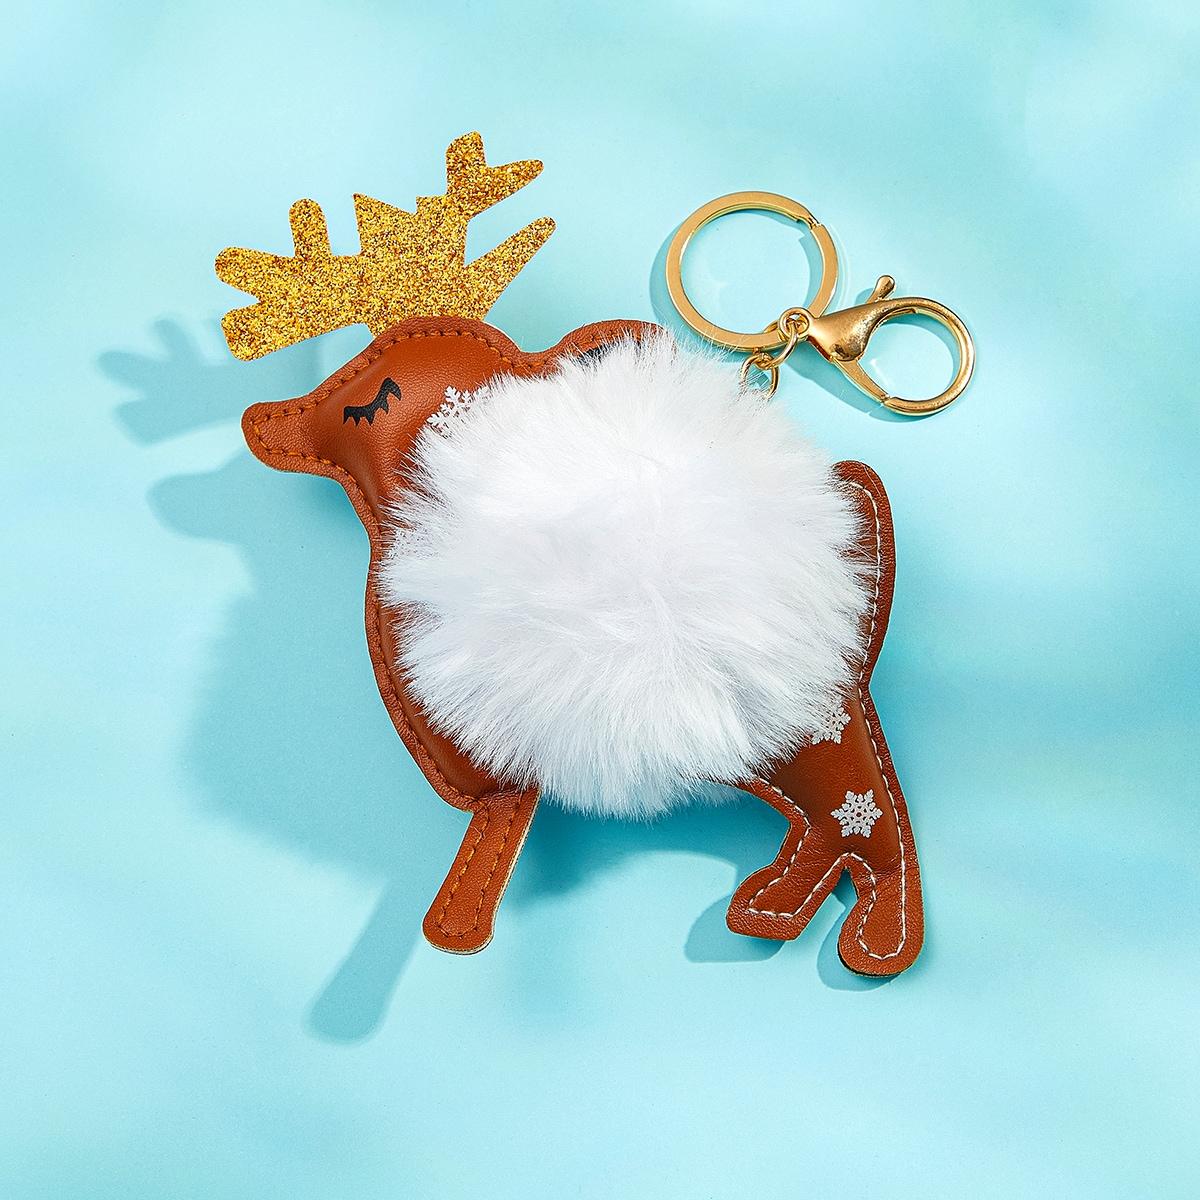 SHEIN / Weihnachten Schlüsselbund mit Hirsch Dekor